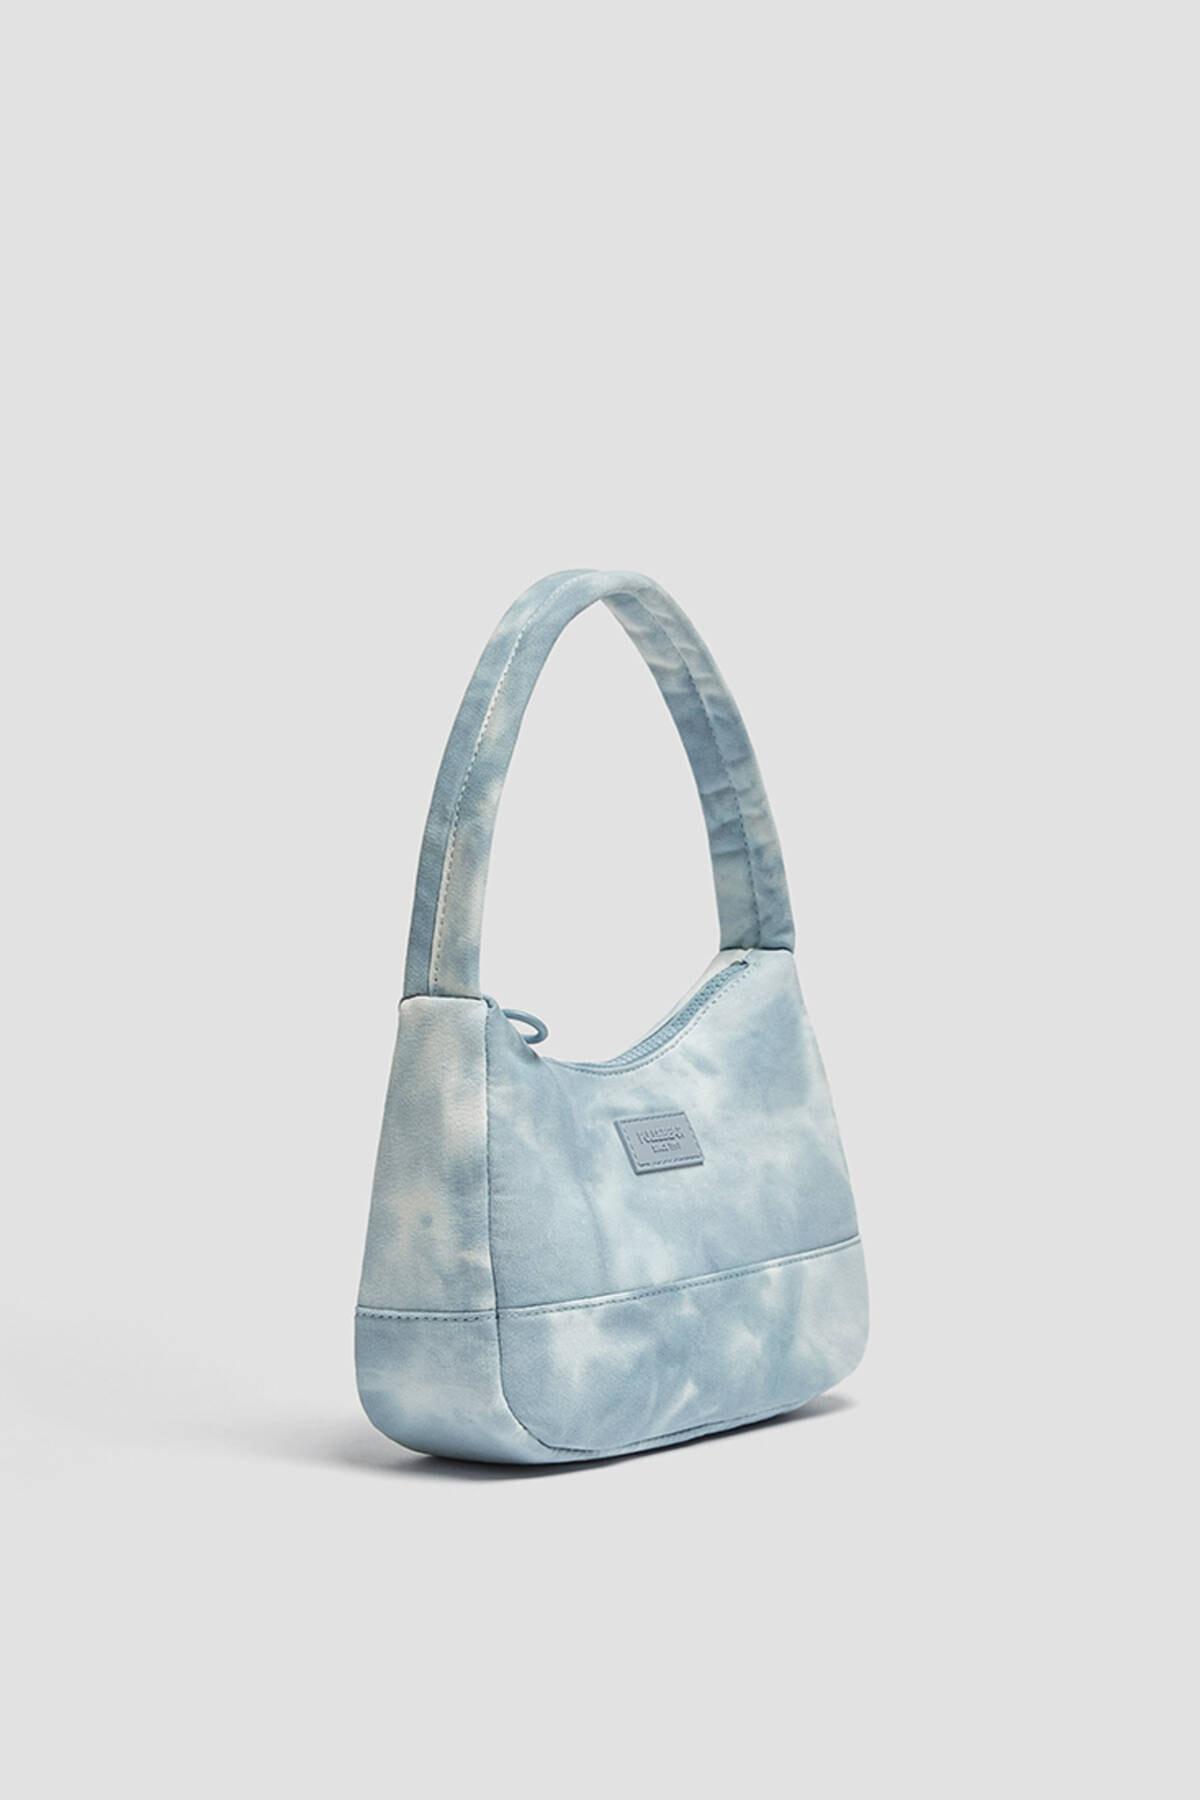 Pull & Bear Kadın Mavi Batik Desenli Kol Çantası 14155740